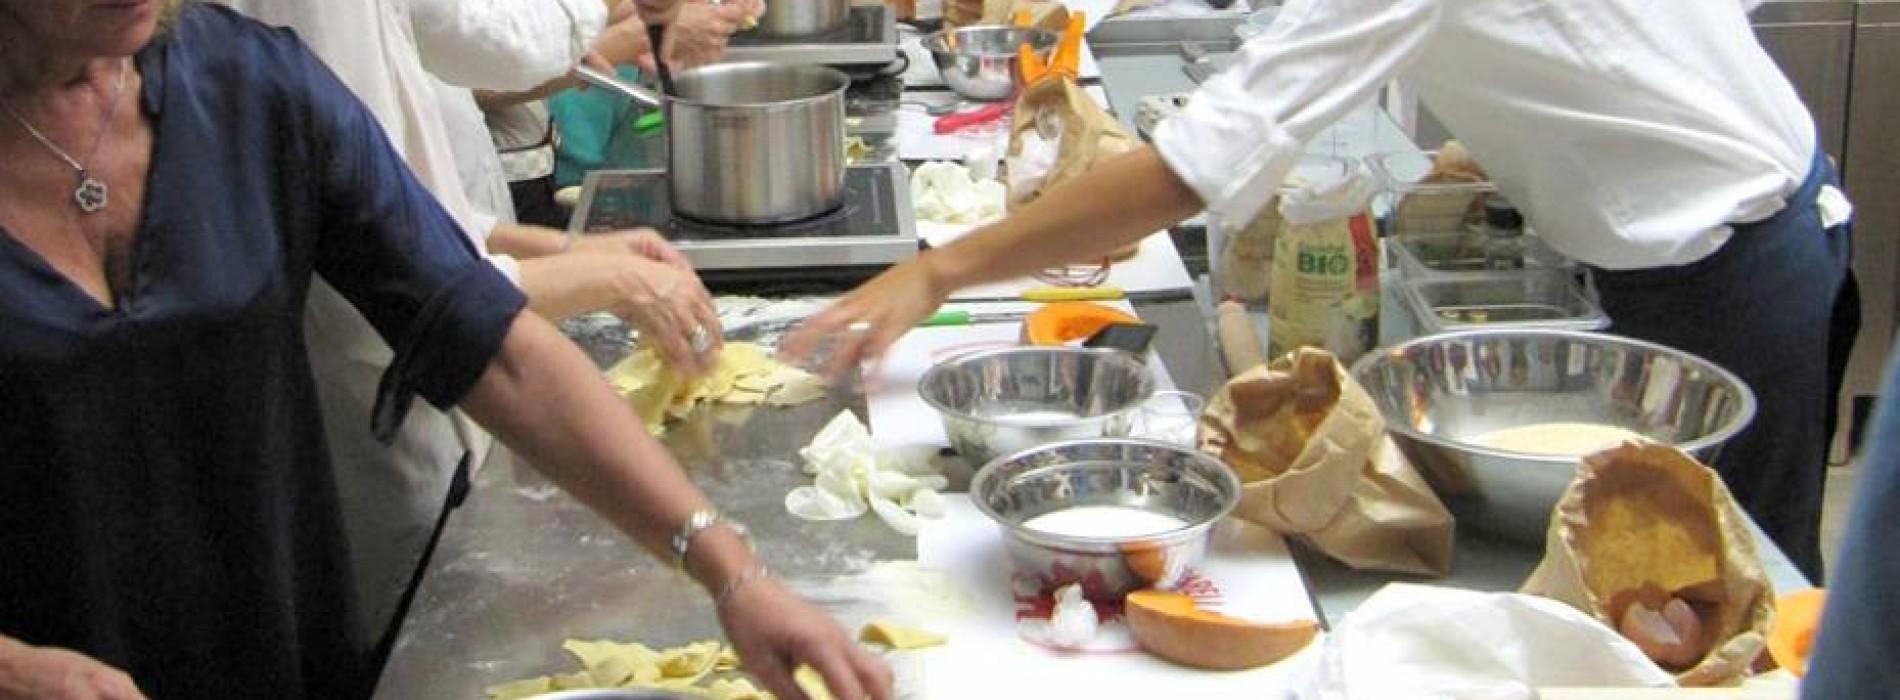 Corsi di cucina roma food wine academy puntarella rossa - Corsi di cucina a roma ...